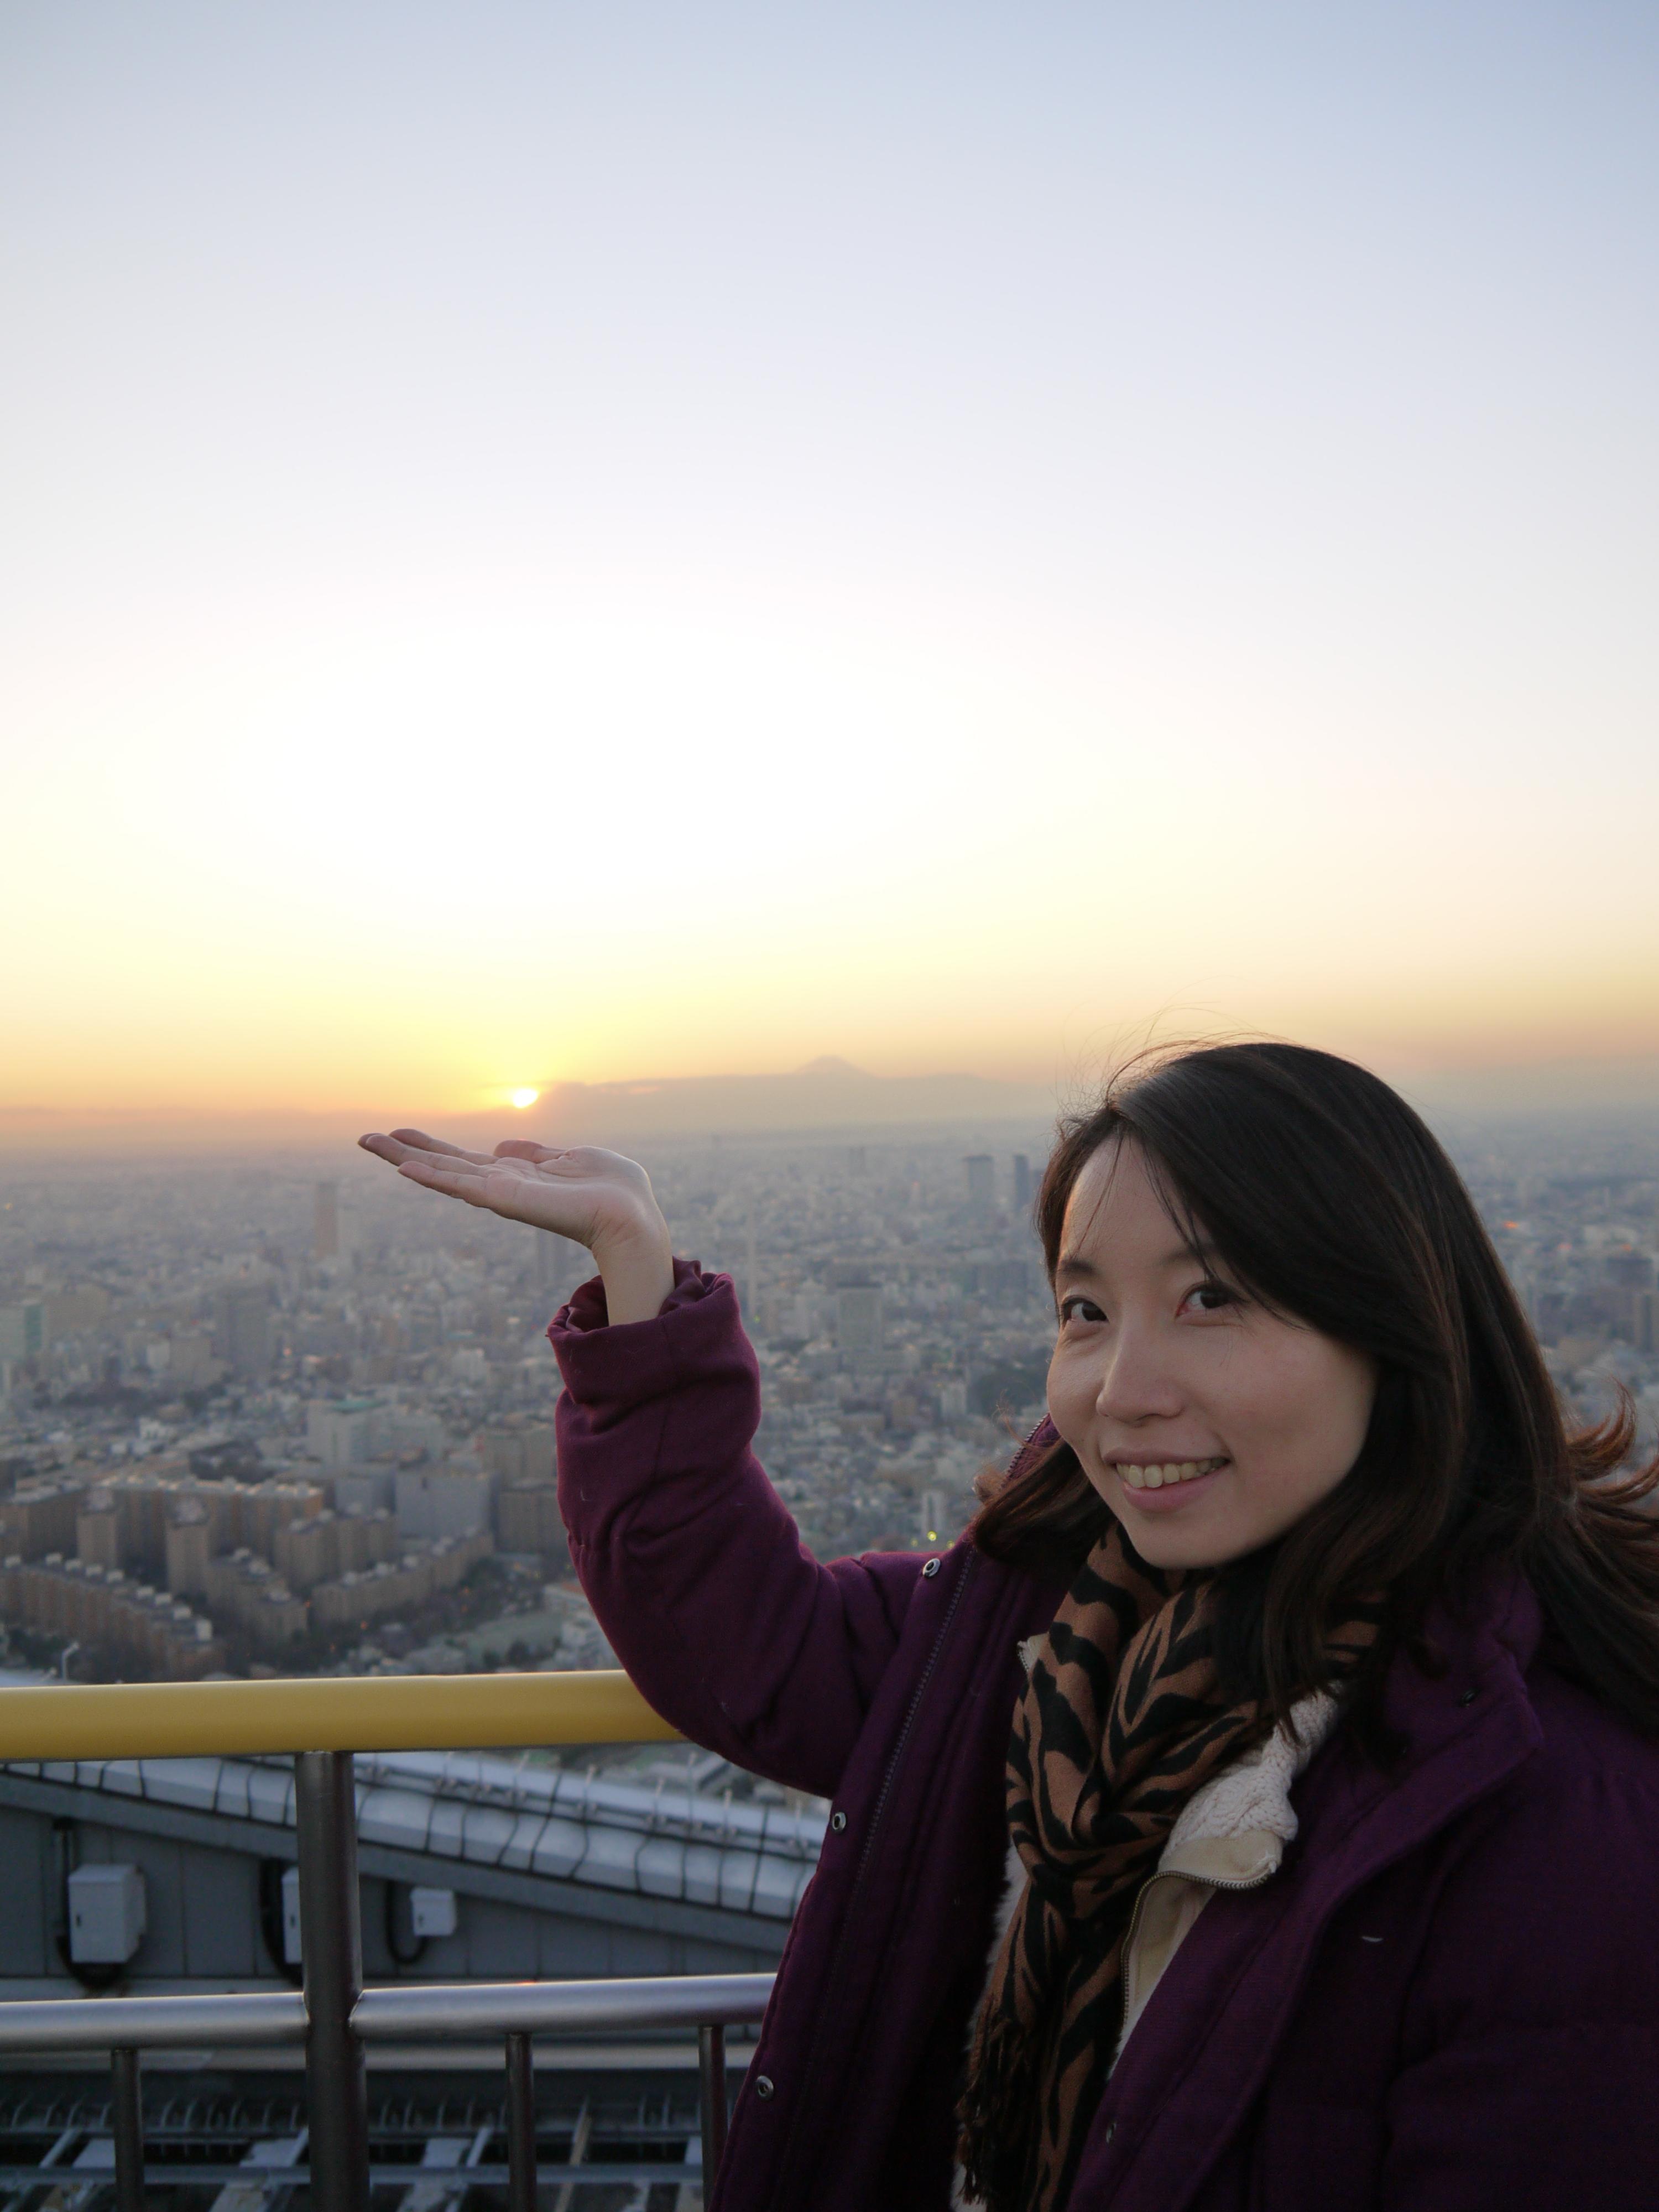 關東西跨年大暴走 Day 1 再訪東京 | Life is traveling